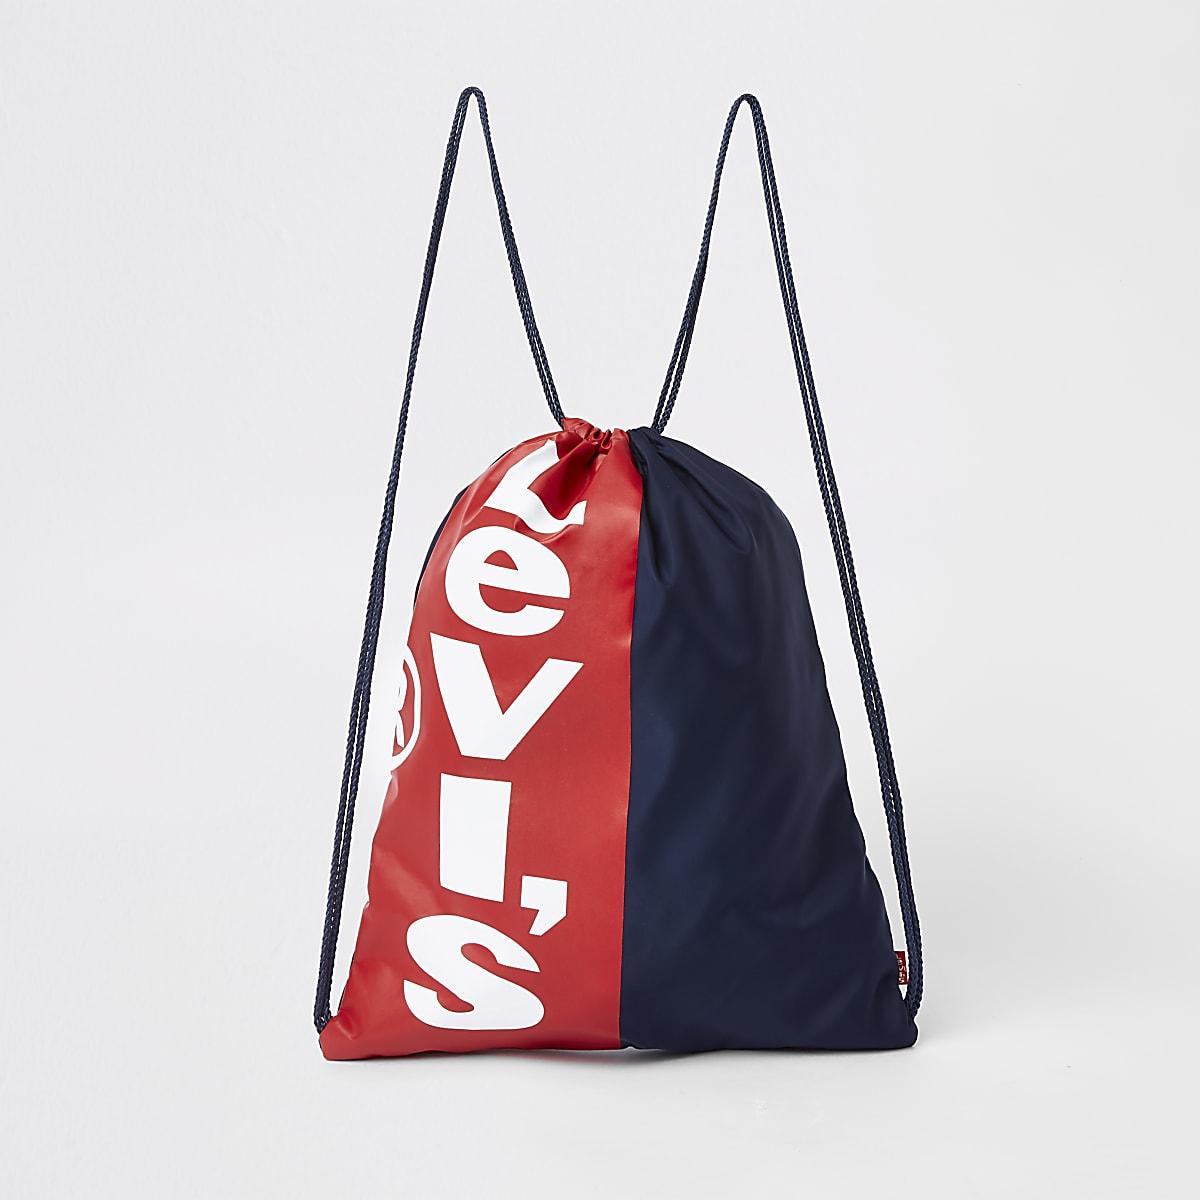 b1bf5a724de Levi's - Marineblauwe tas met trekkoord voor kinderen - Tassen ...